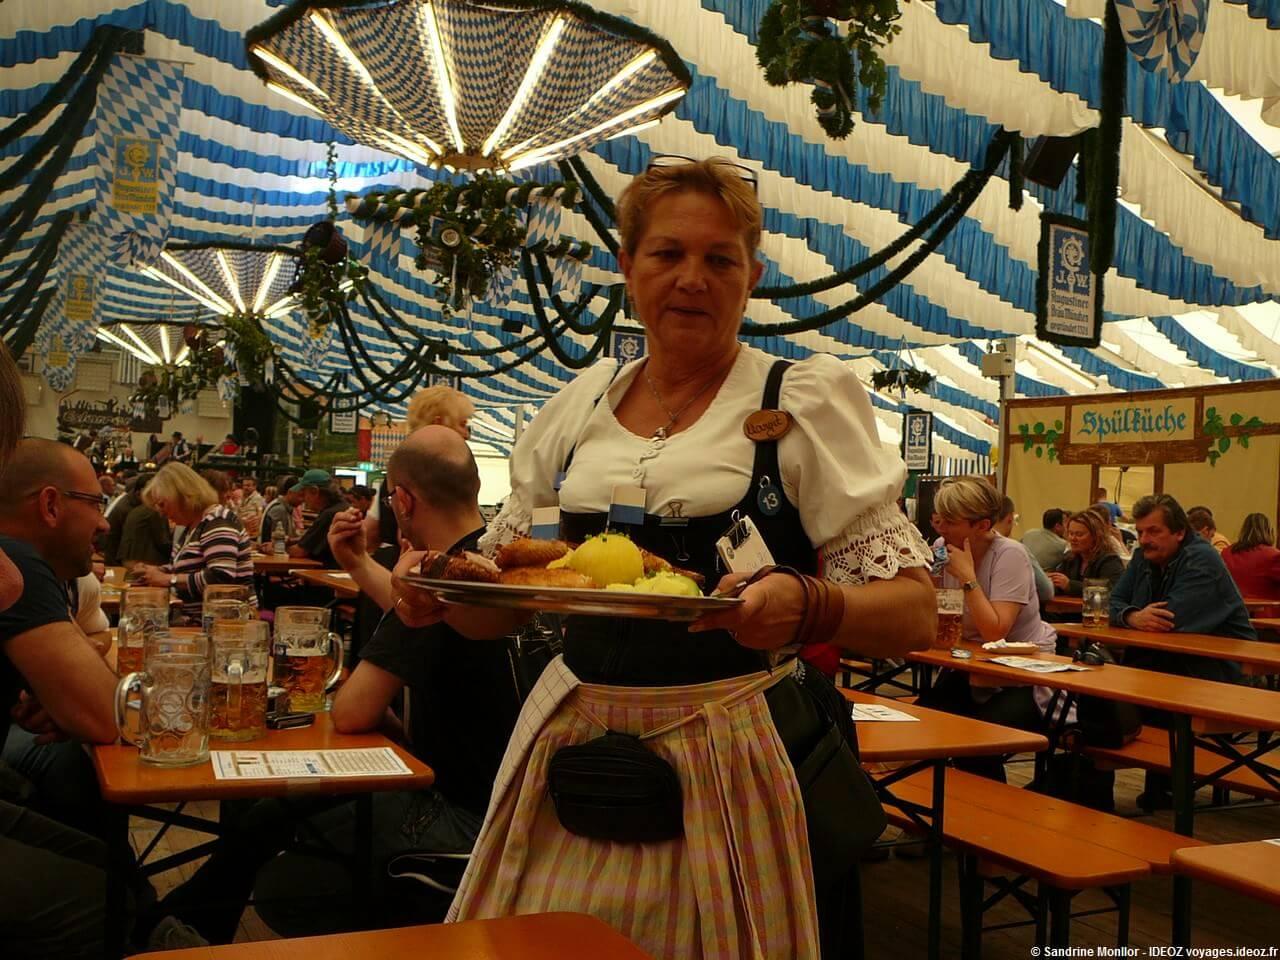 Serveuse en habits bavarois apportant un plat typique de viandes et knodels à la fête de la bière de Munich